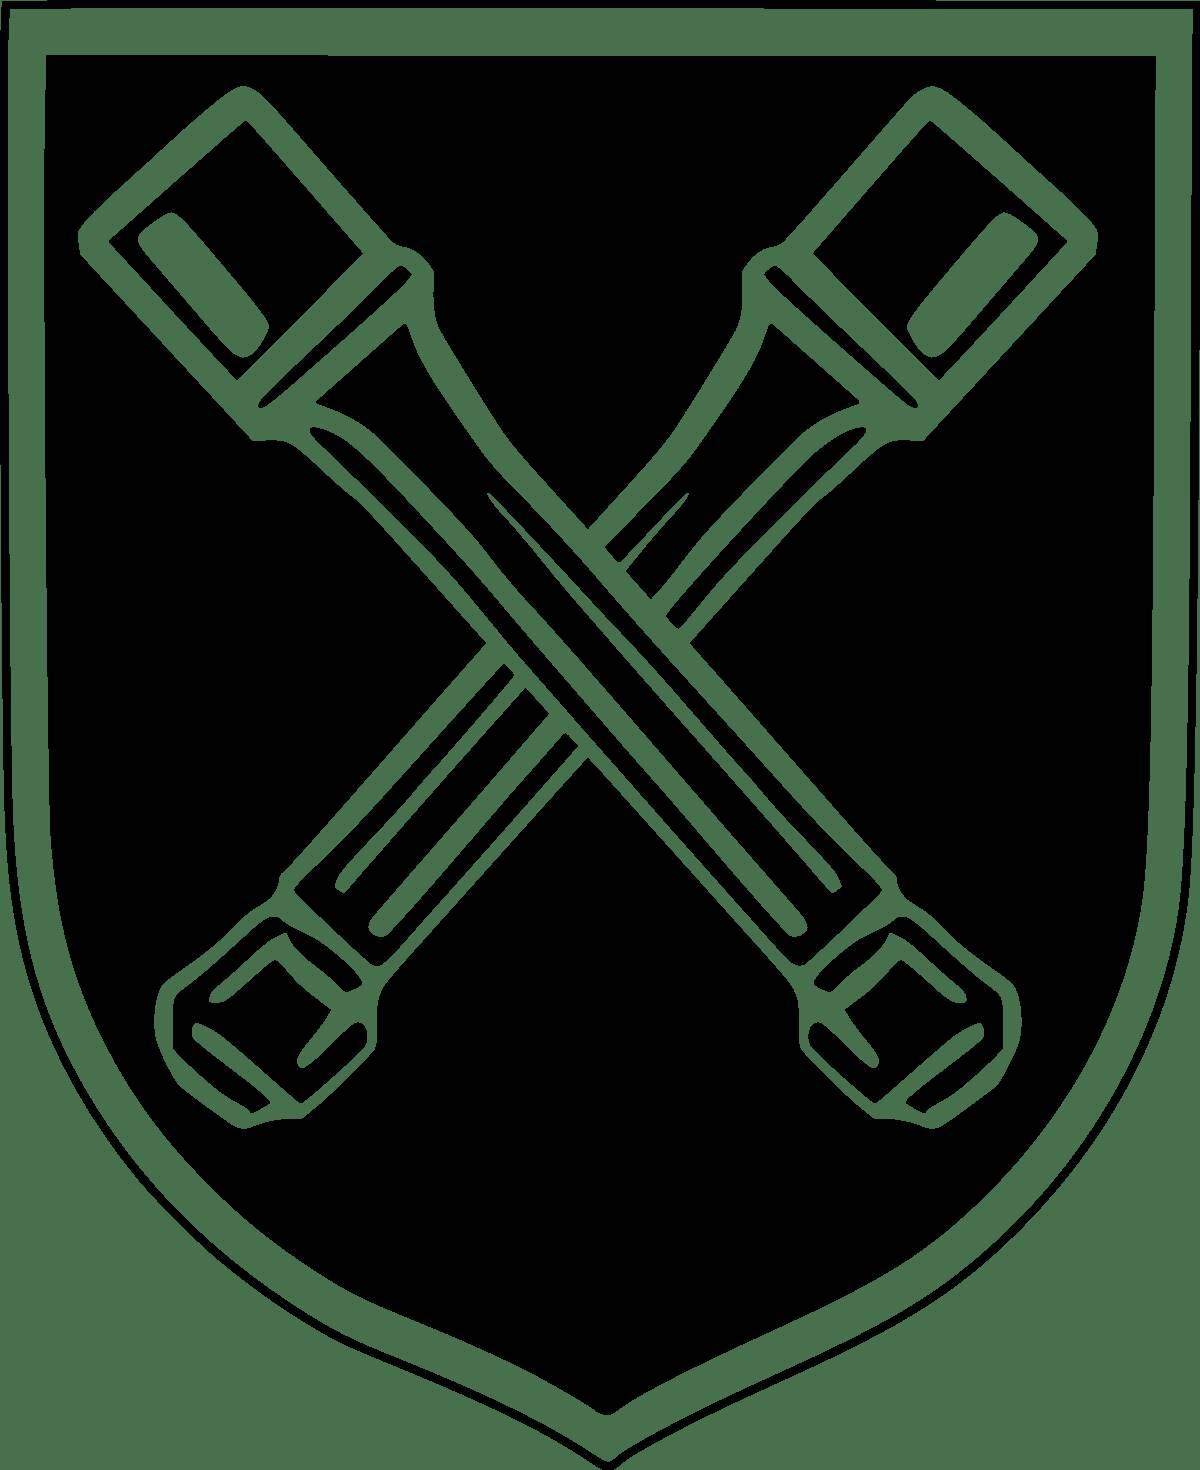 Divisões Waffen SS